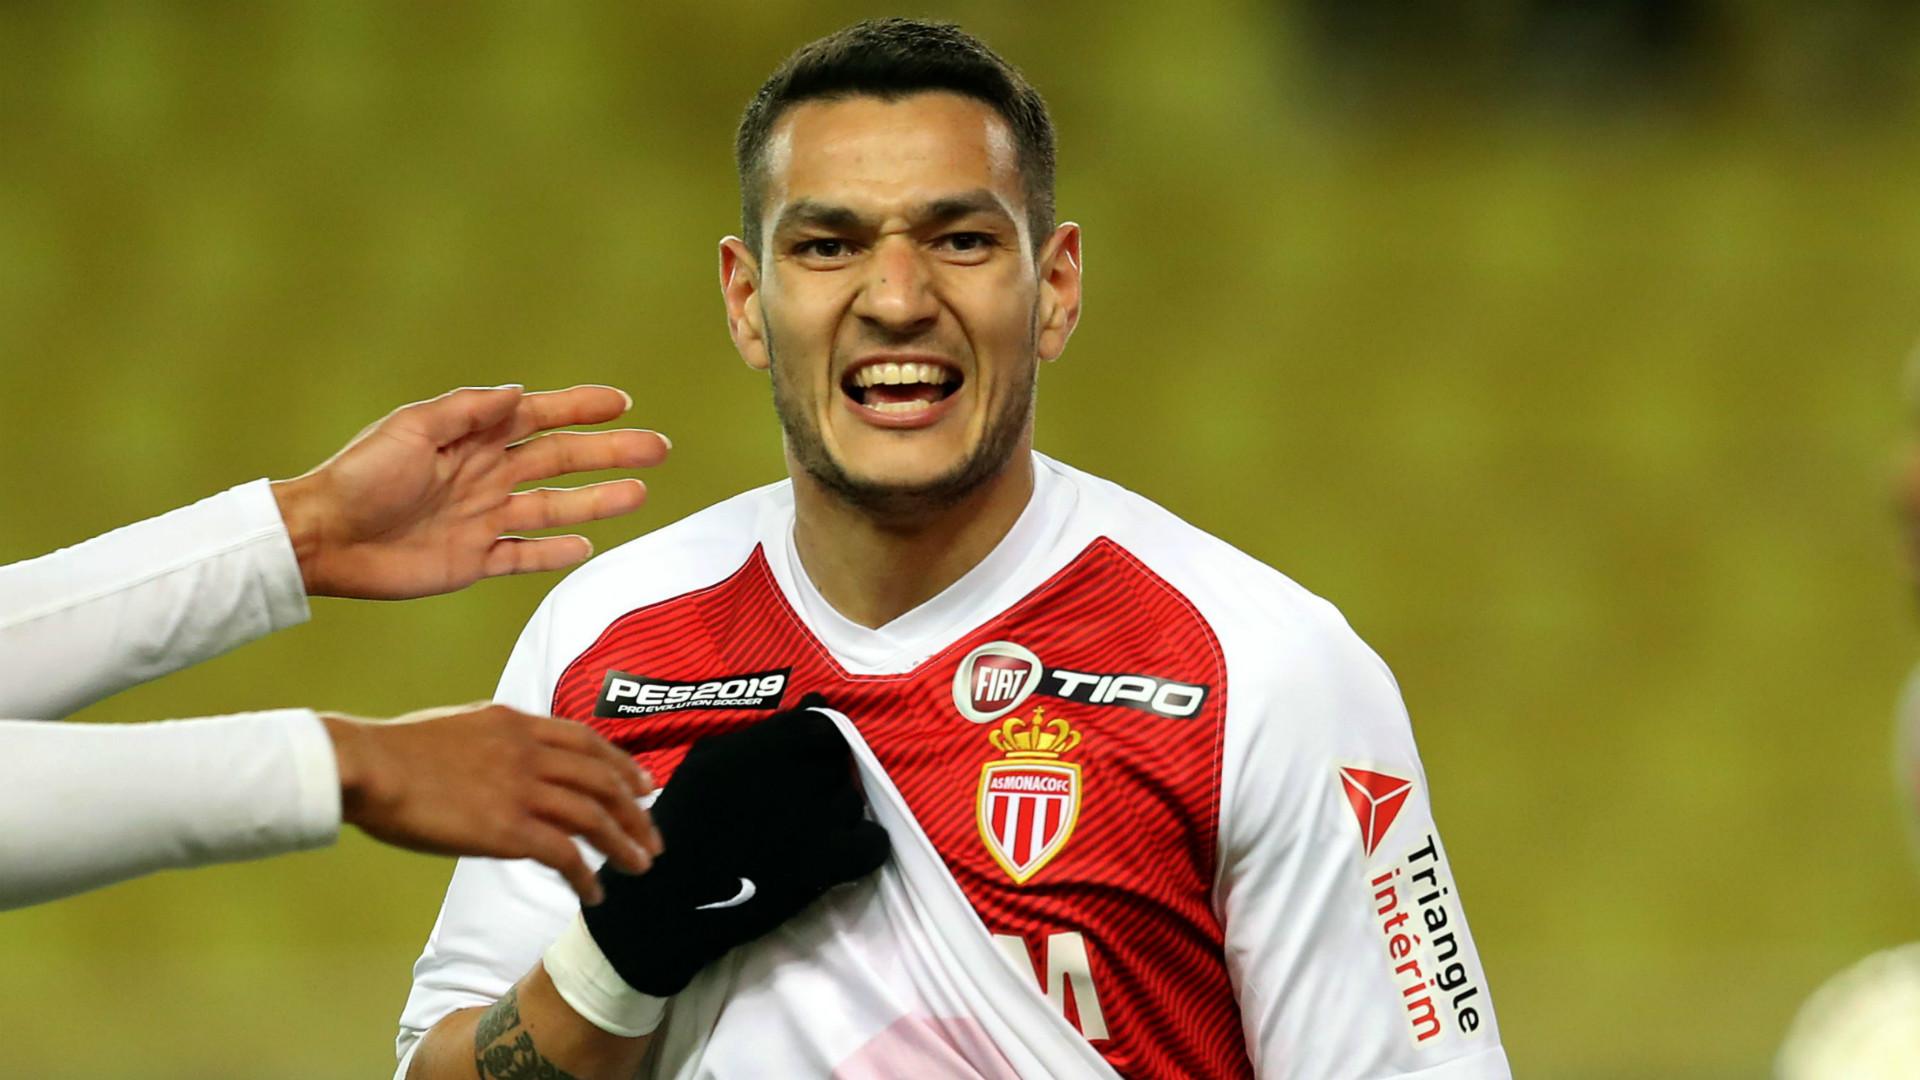 Rony Lopes Monaco 2018-19